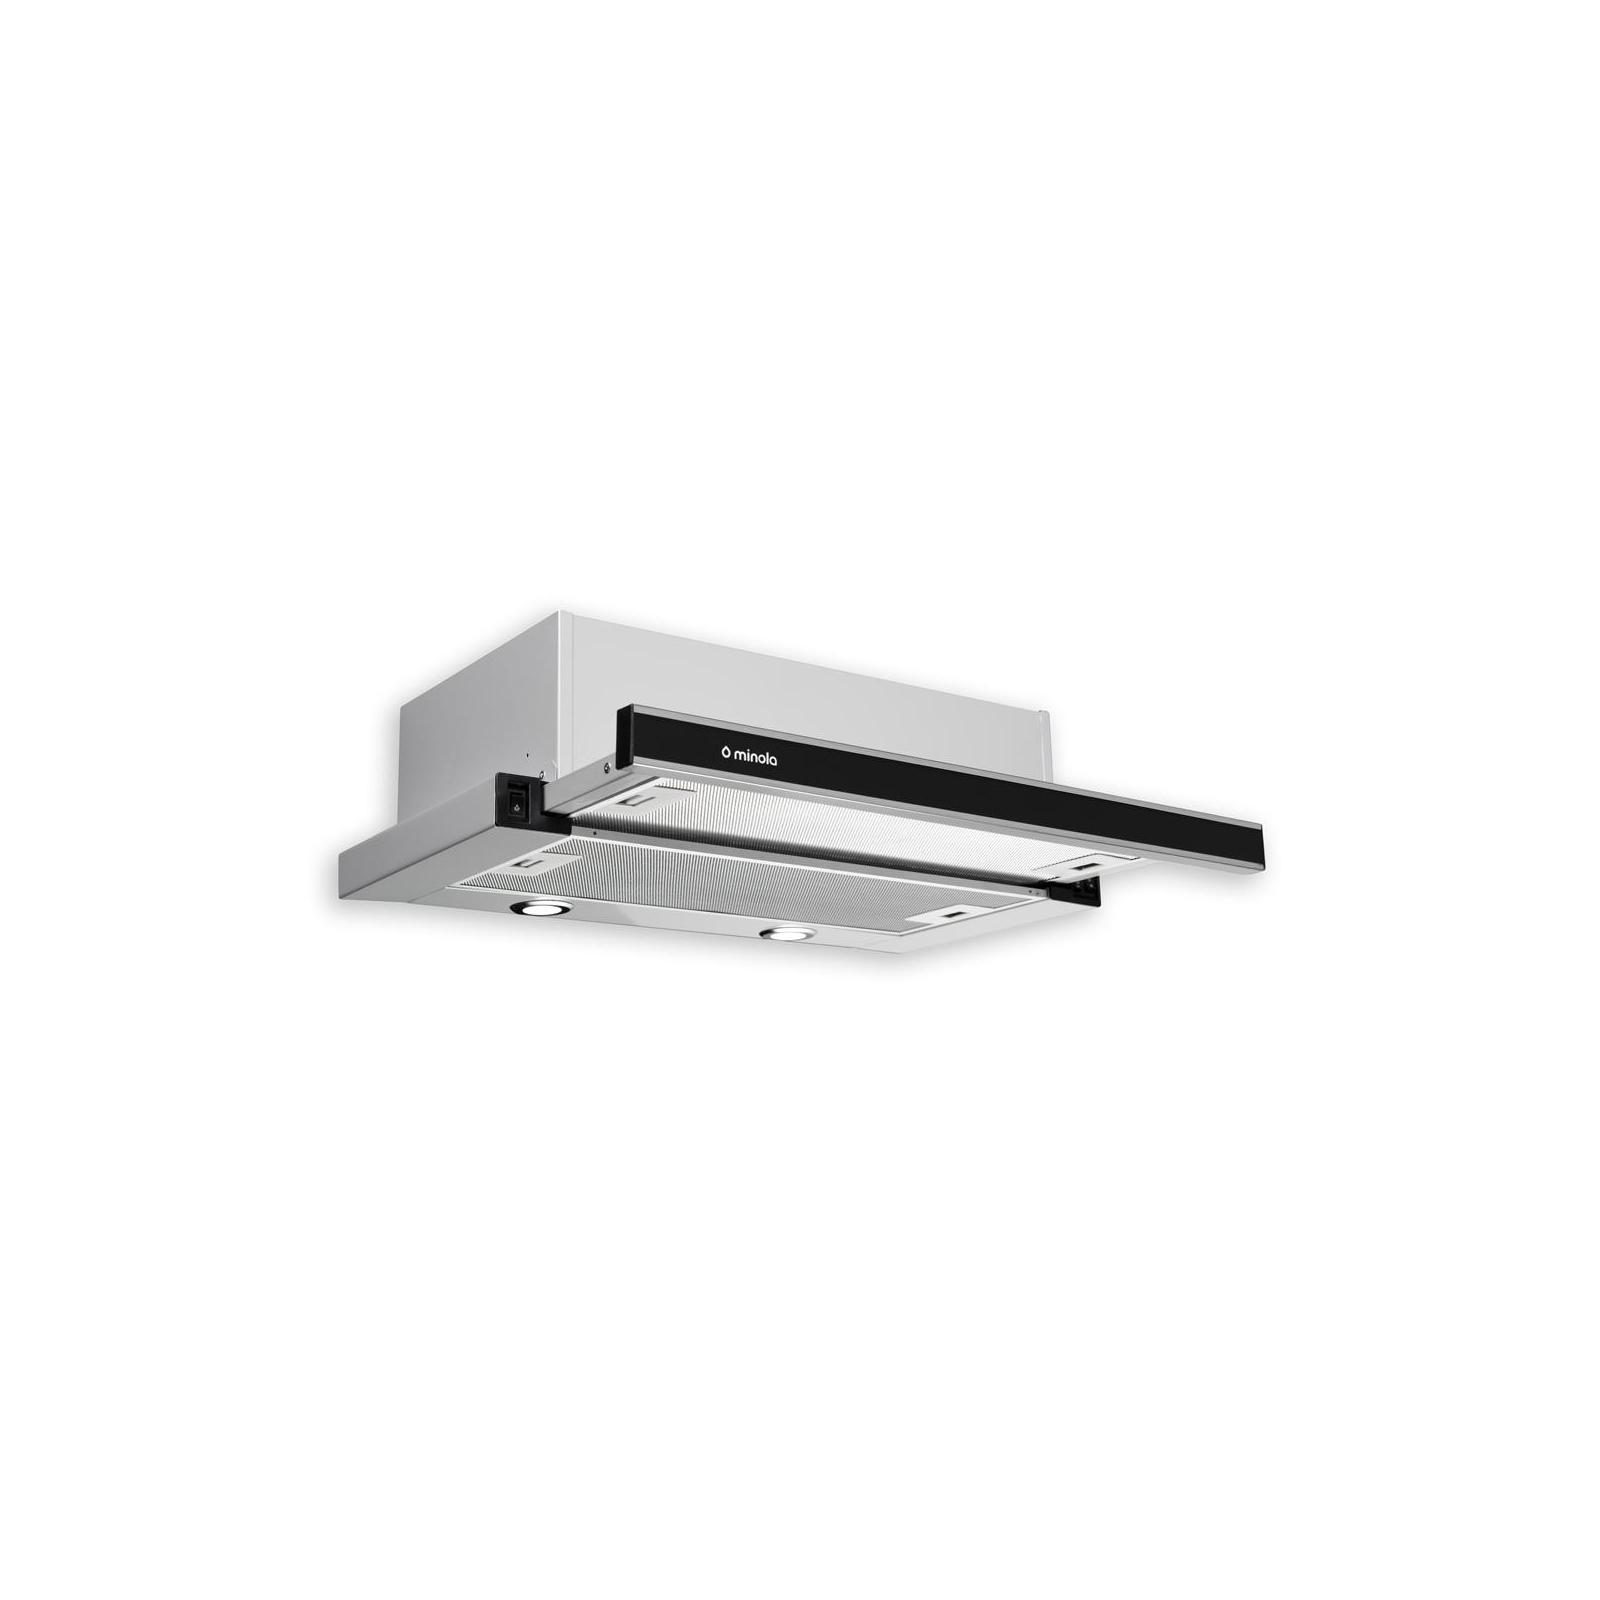 Вытяжка кухонная MINOLA HTL 6172 I/BL GLASS 650 LED